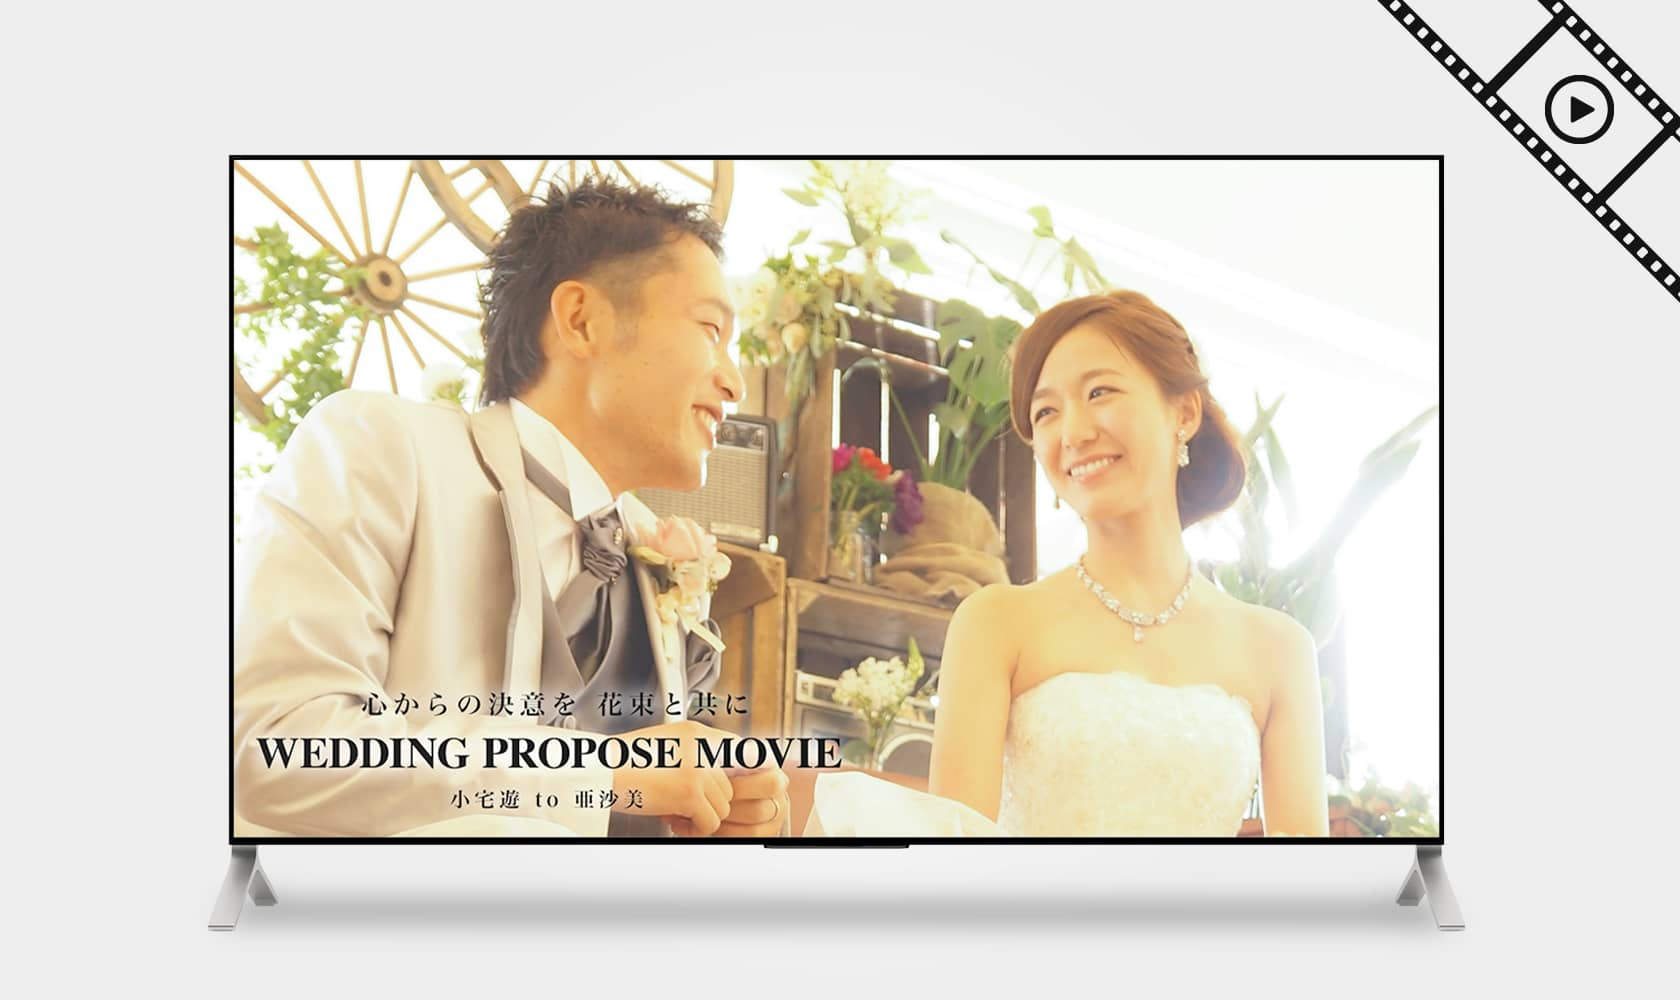 小宅遊&亜沙美 WEDDING サプライズプロポーズムービー